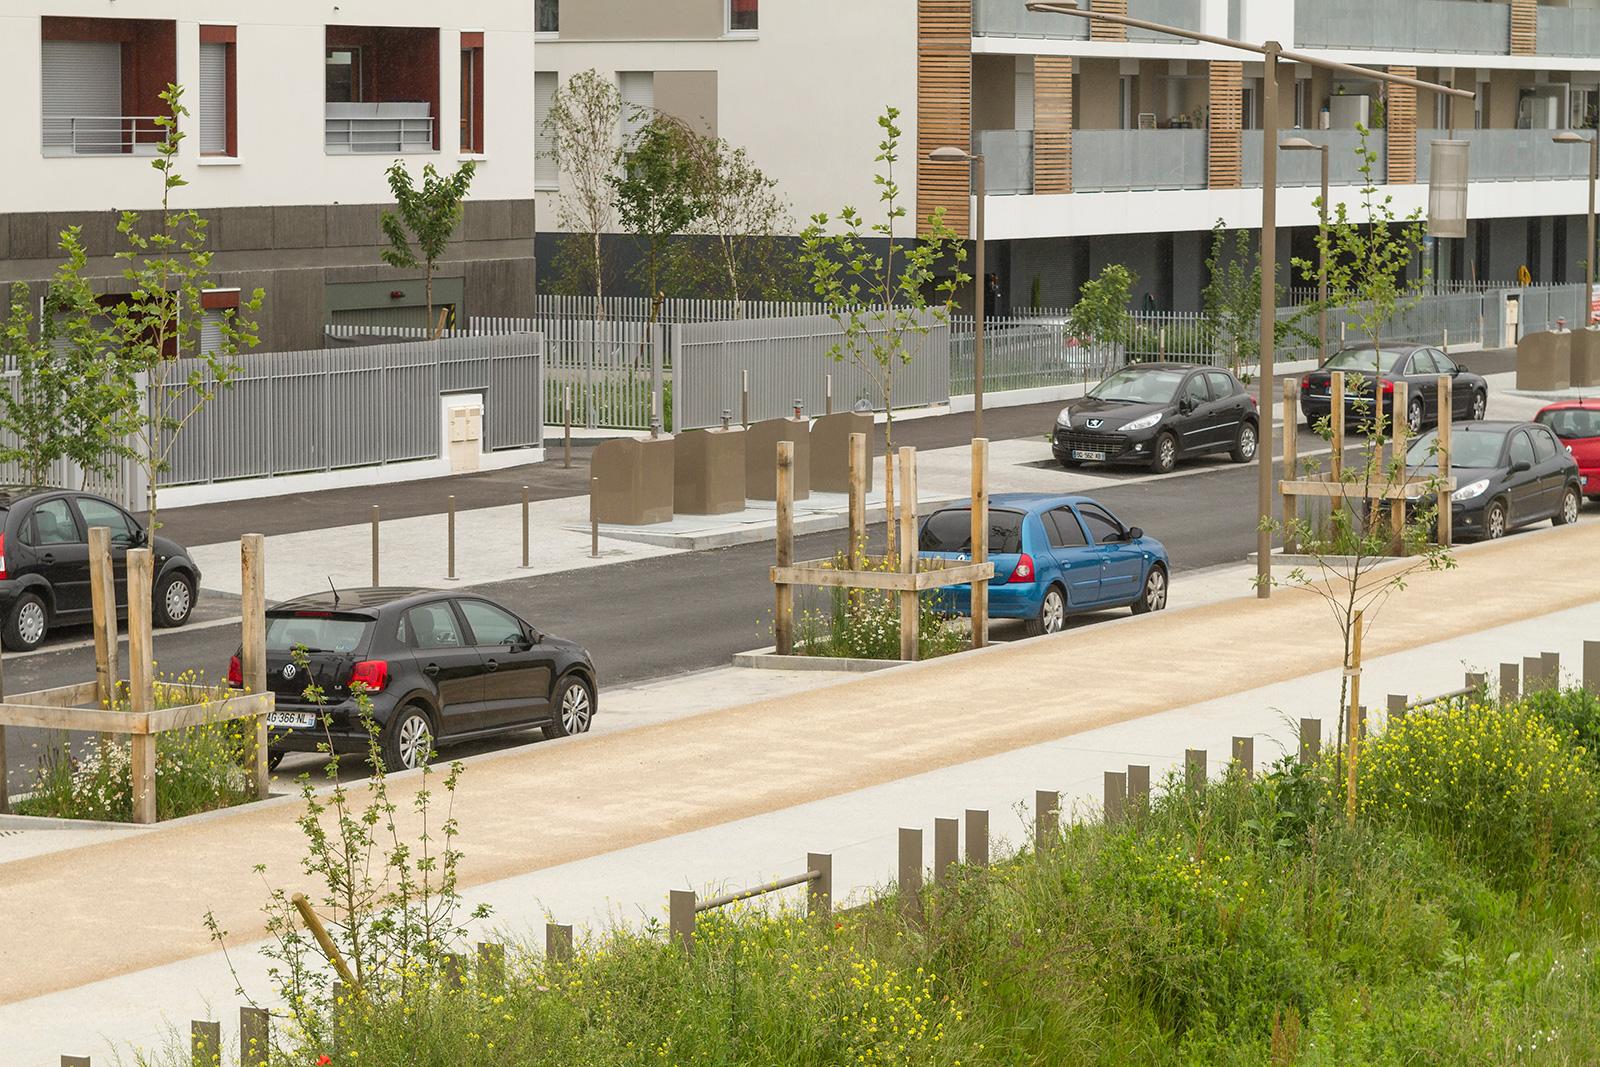 8-germe-et-jam-bretigny-clause-bois-badeau-projet-urbain--PARC2